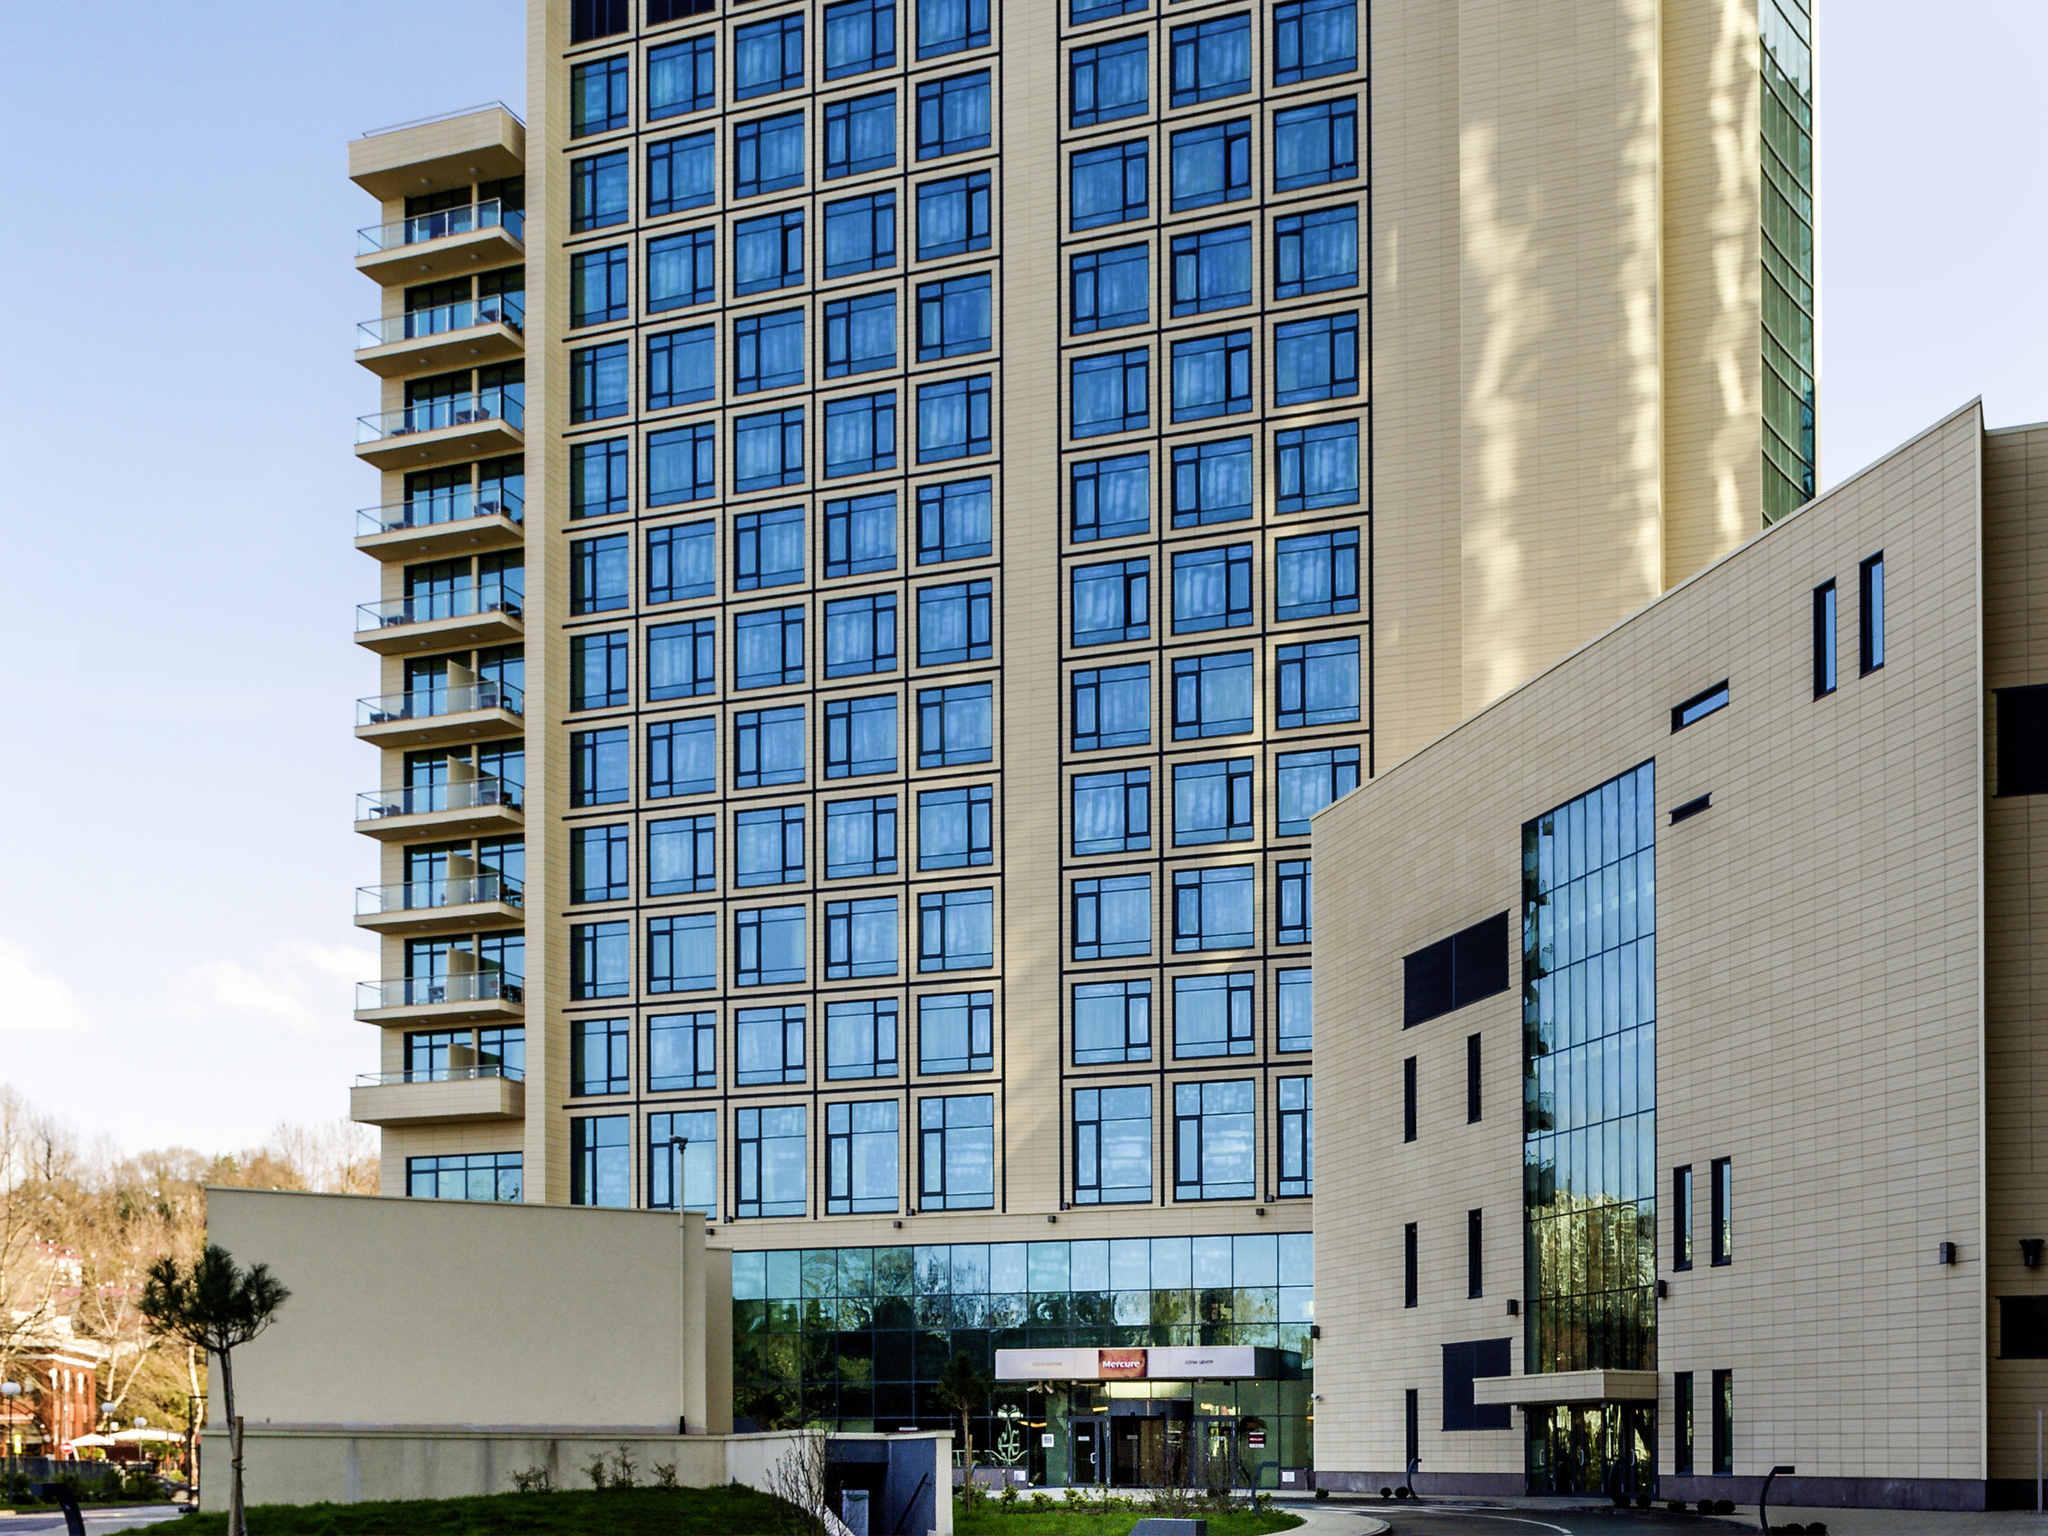 Отель меркури сочи забронировать аренда автомобилей калининград свадьба